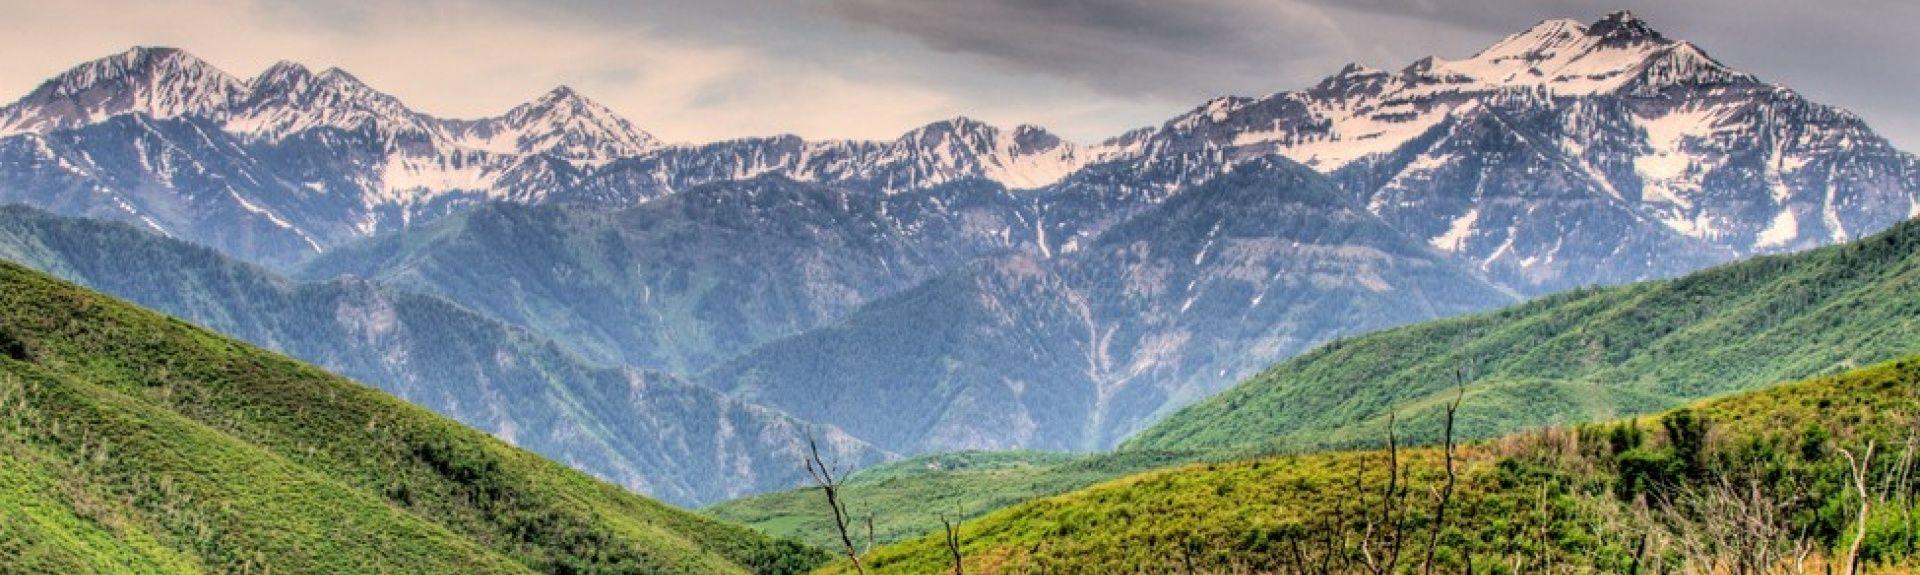 Jordanelle Reservoir, Heber City, Utah, Vereinigte Staaten